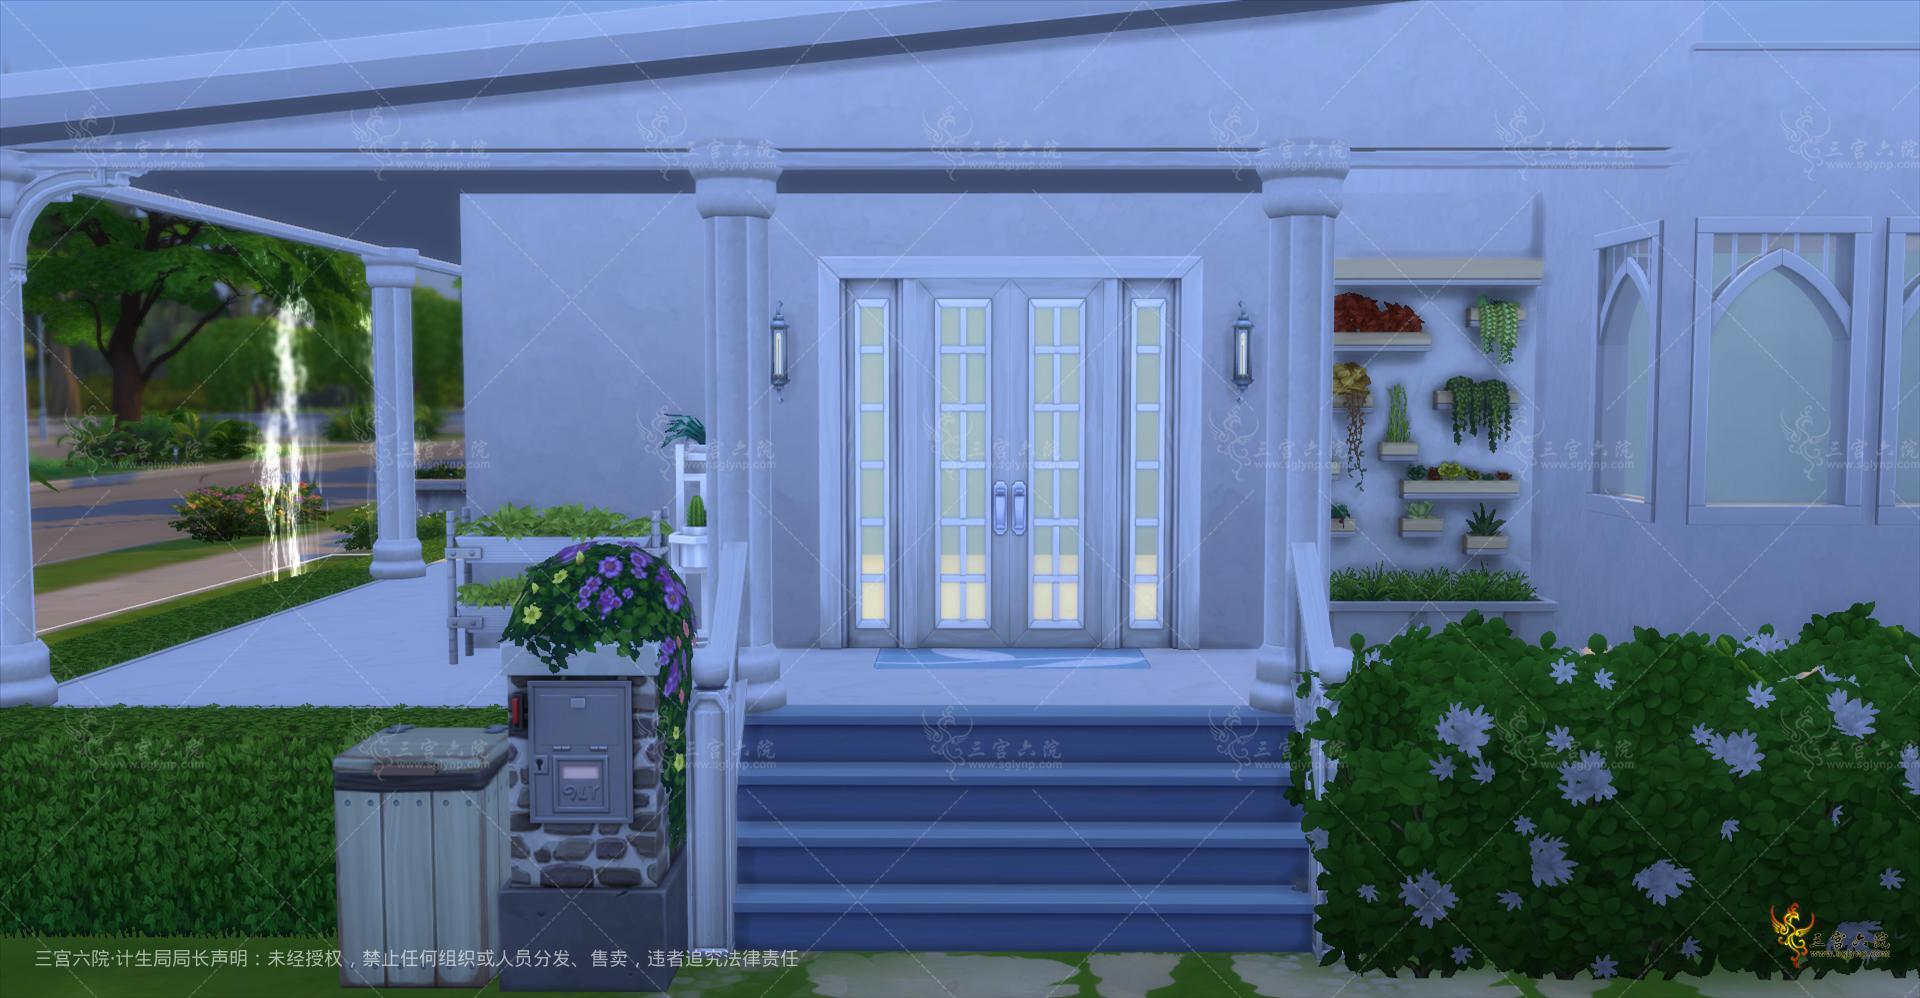 Sims 4 Screenshot 2021.08.19 - 15.25.58.36.png